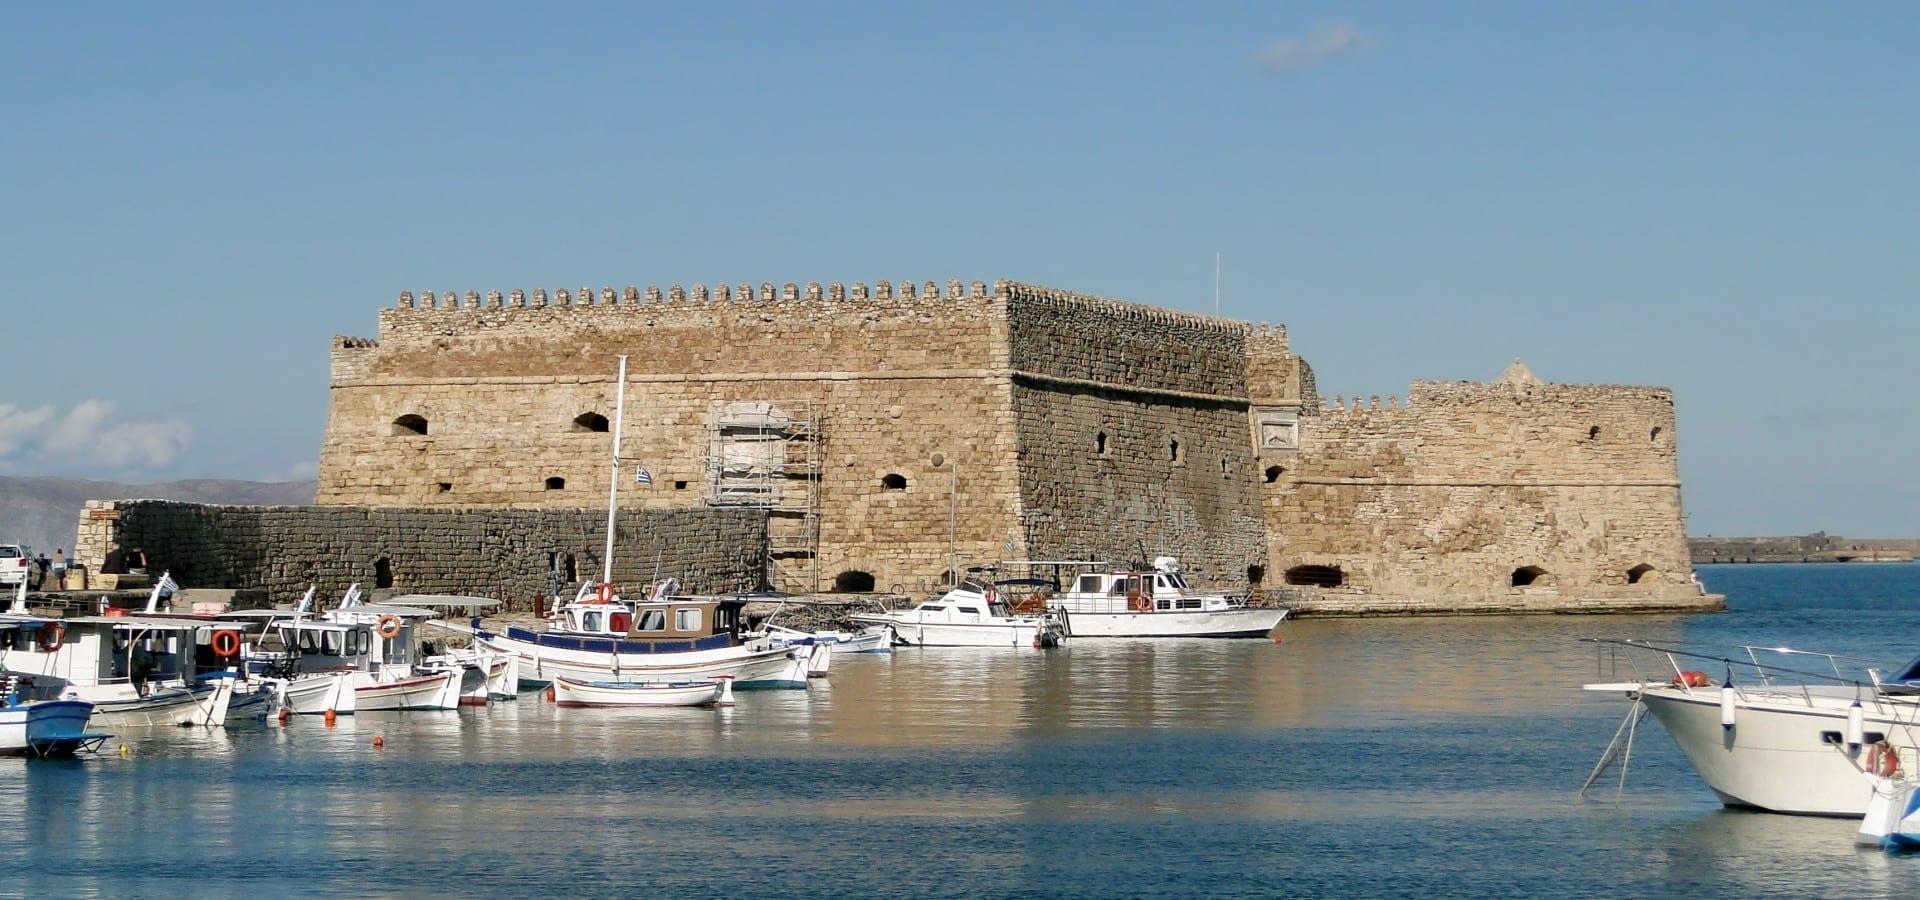 El castillo de Koules en el muro del puerto de Heraklion Heraklion Grecia